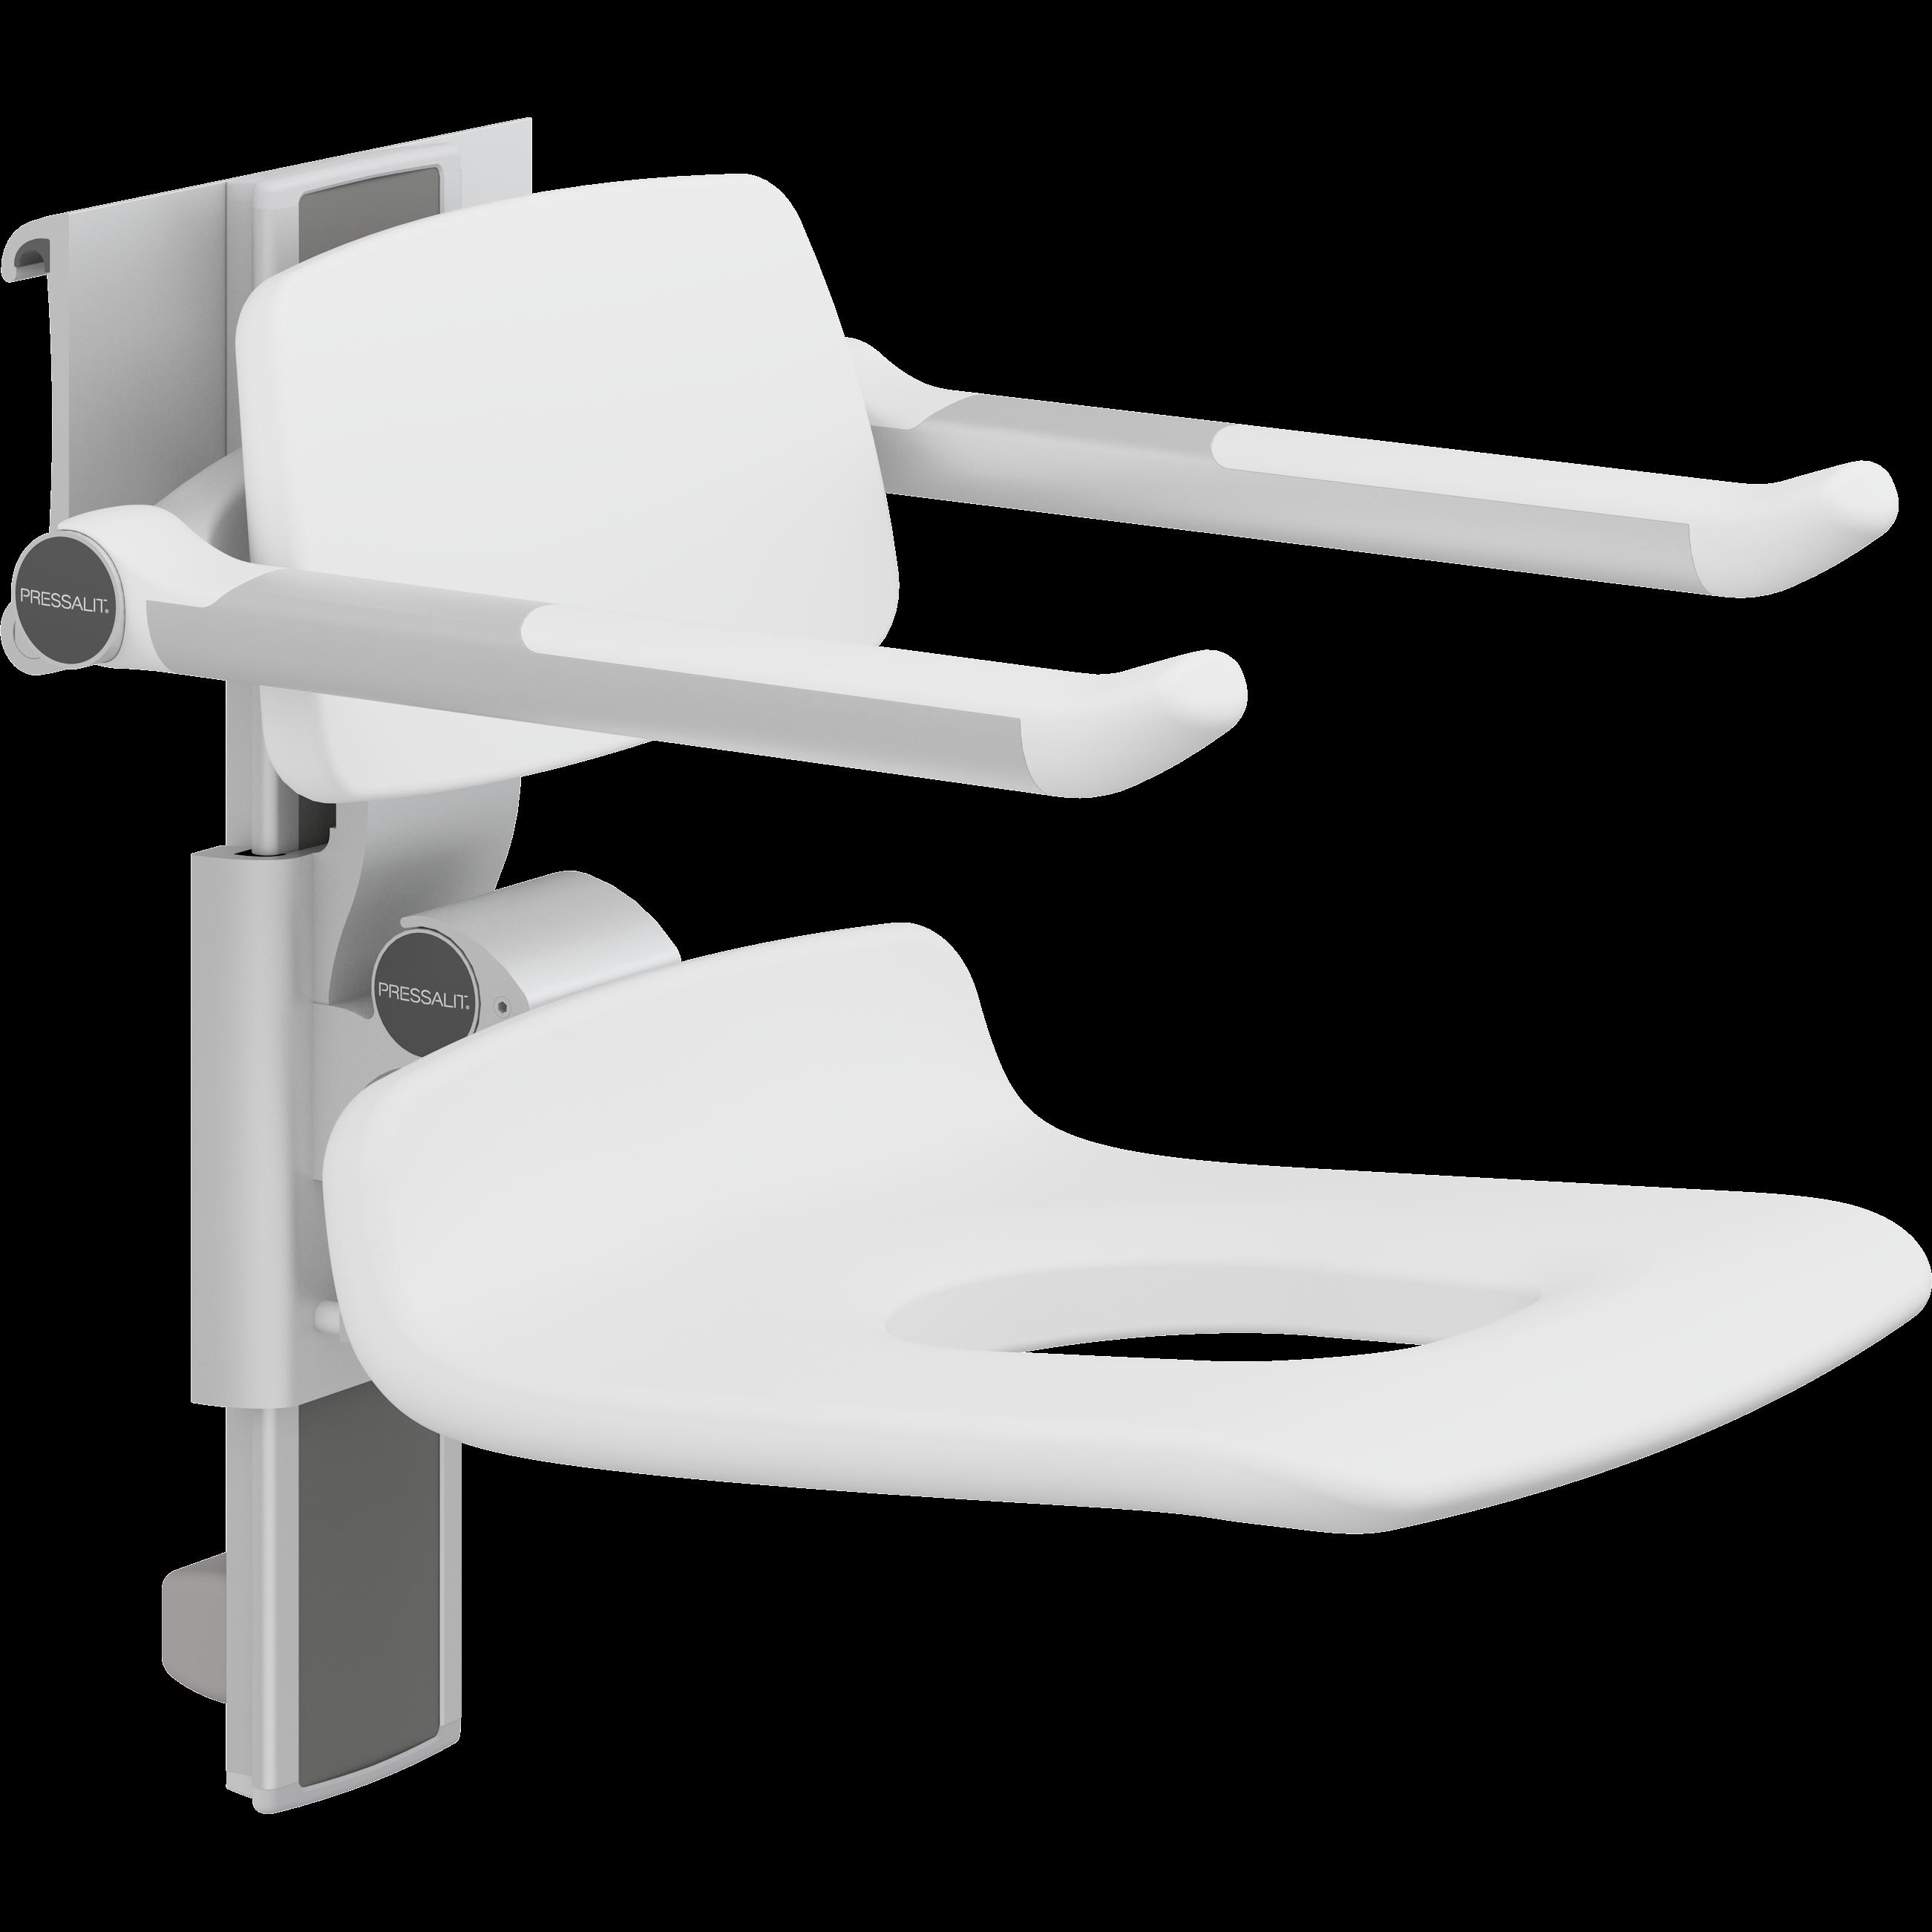 PLUS Duschsitz 450 mit Pflegeöffnung, manuell höhenverstellbar und seitlich verschiebbar